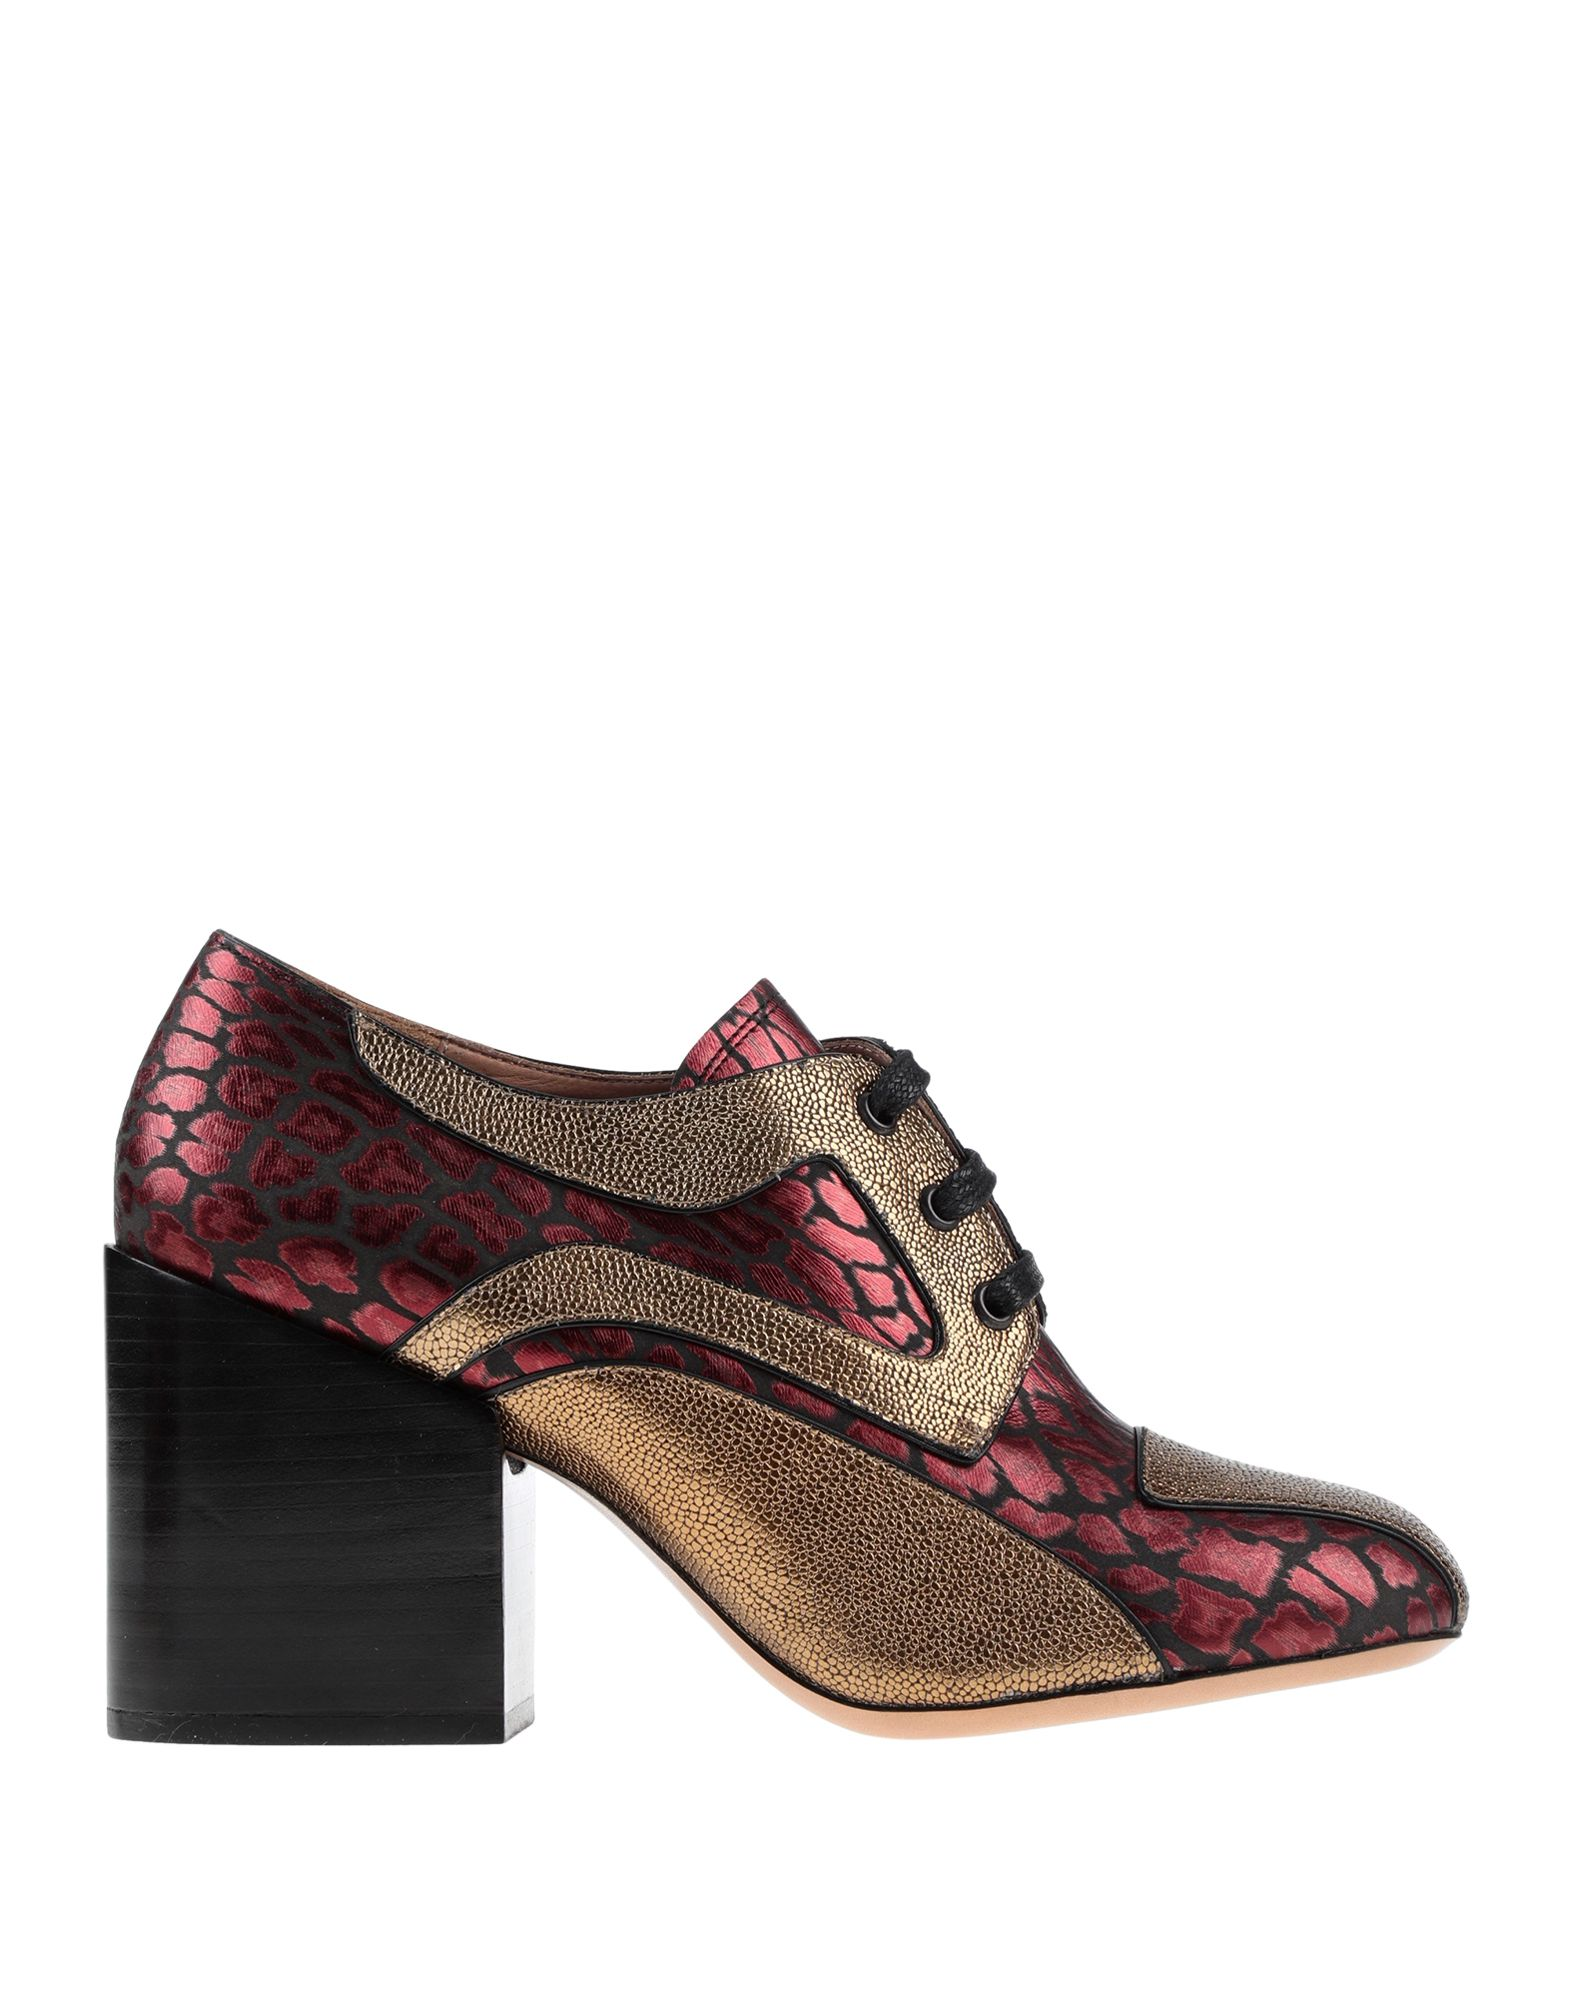 DRIES VAN NOTEN | DRIES VAN NOTEN Lace-Up Shoes 11710650 | Goxip